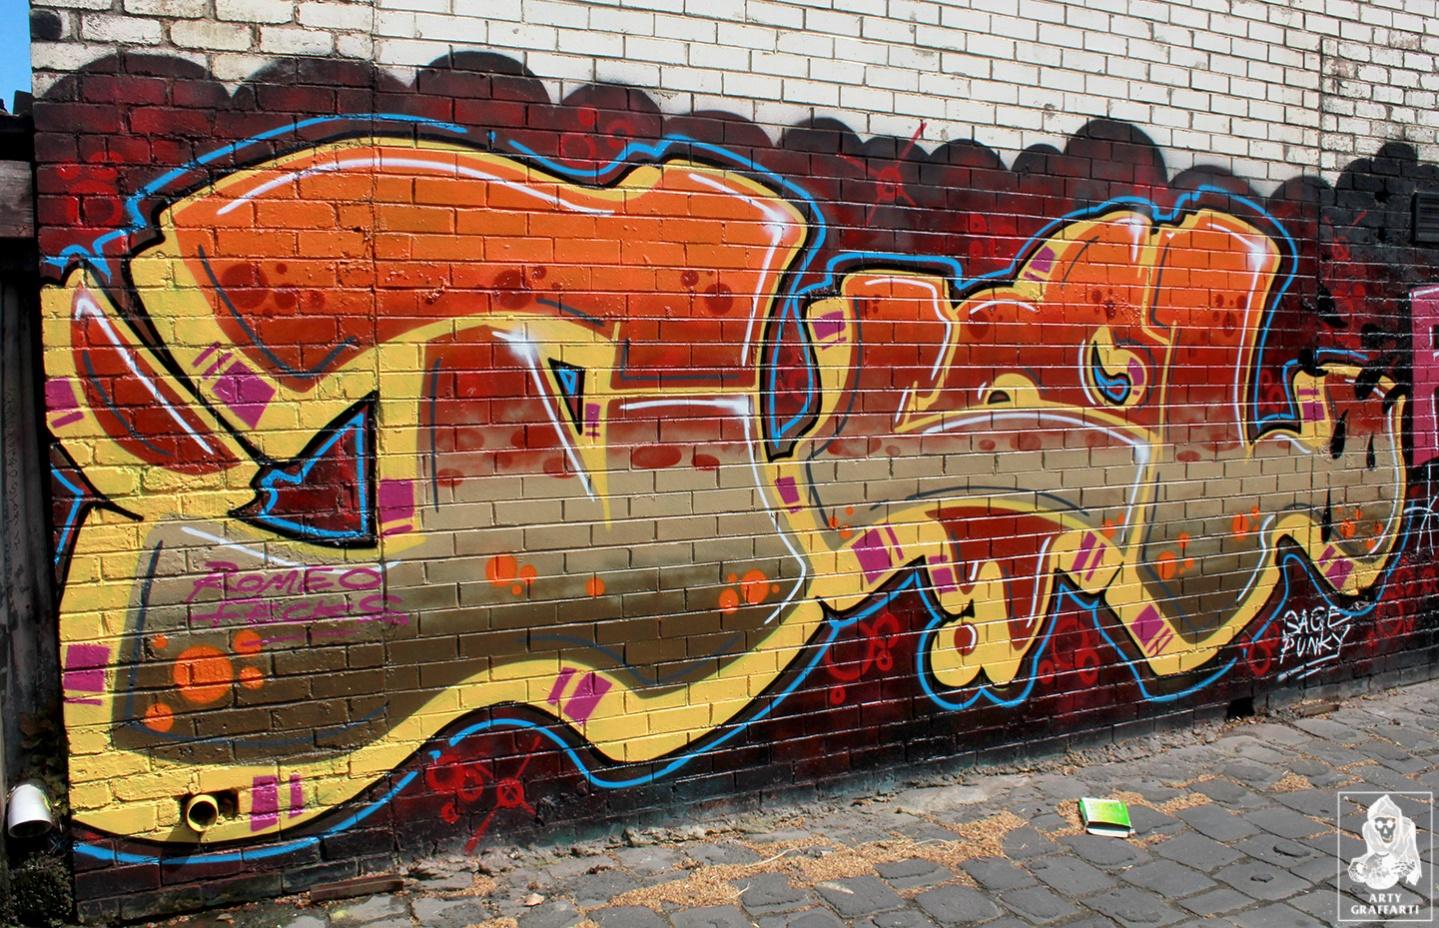 Ikool-Histoe-Fitzroy-Graffiti-Melbourne-Arty-Graffarti13